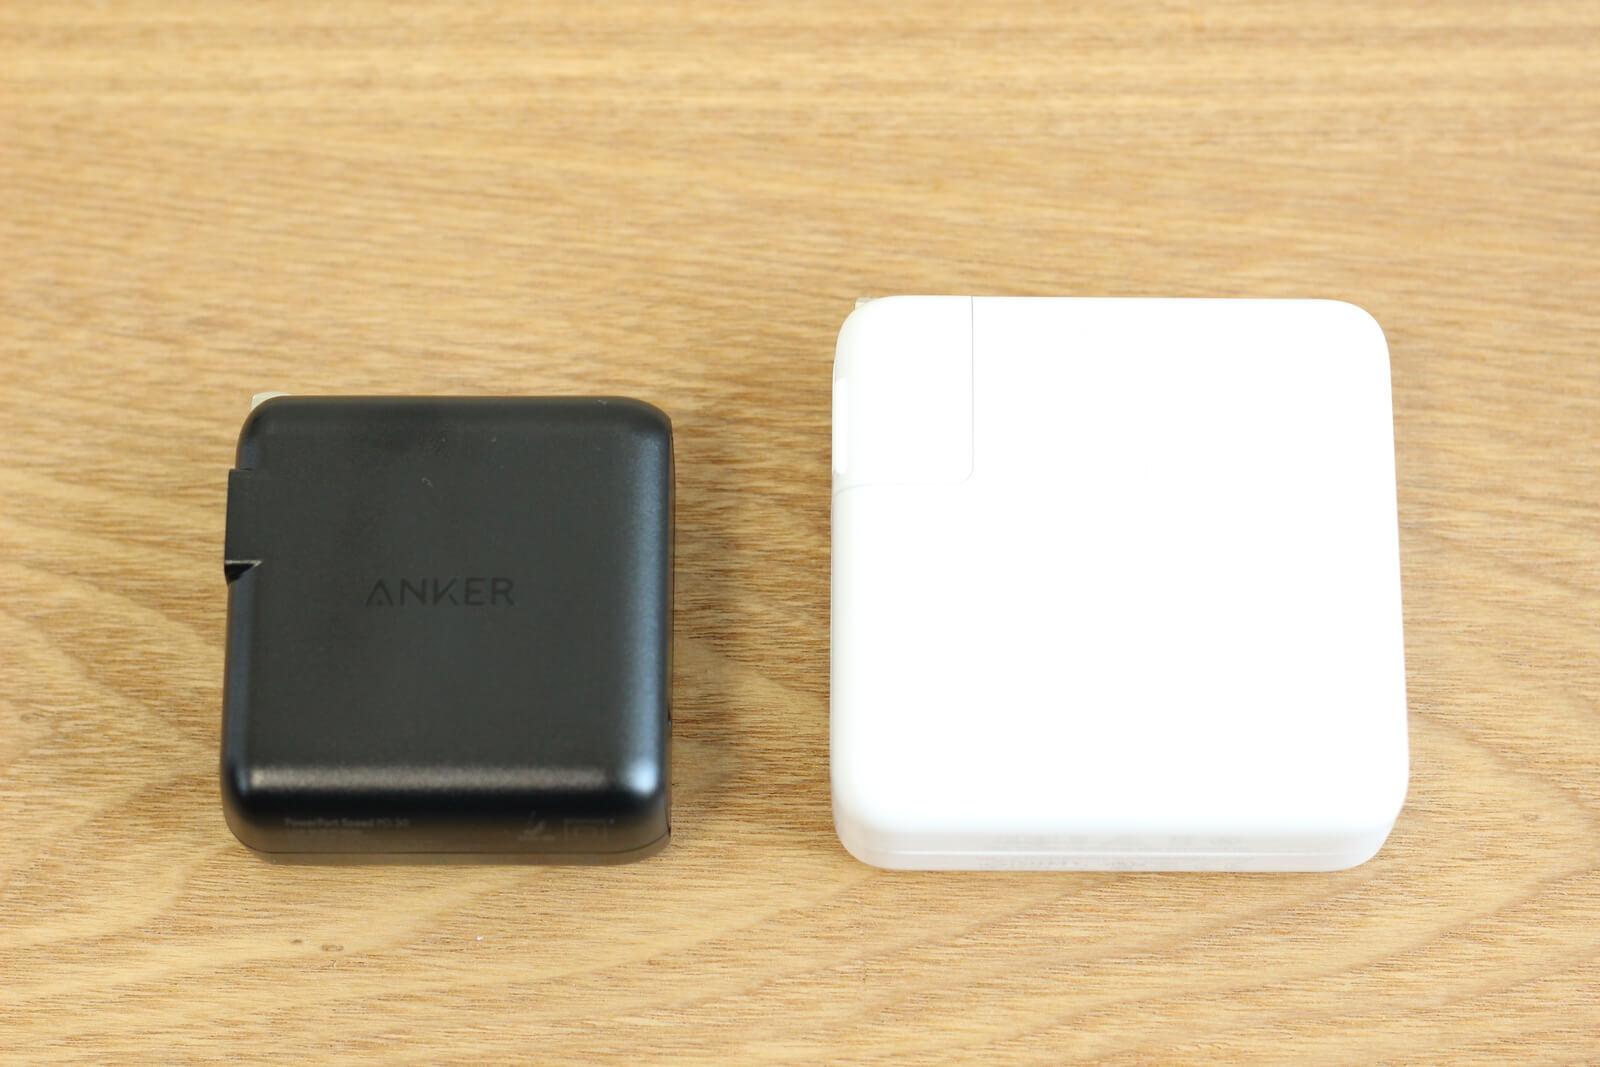 Apple純正のMacbook Pro用電源アダプタより小さくて軽い